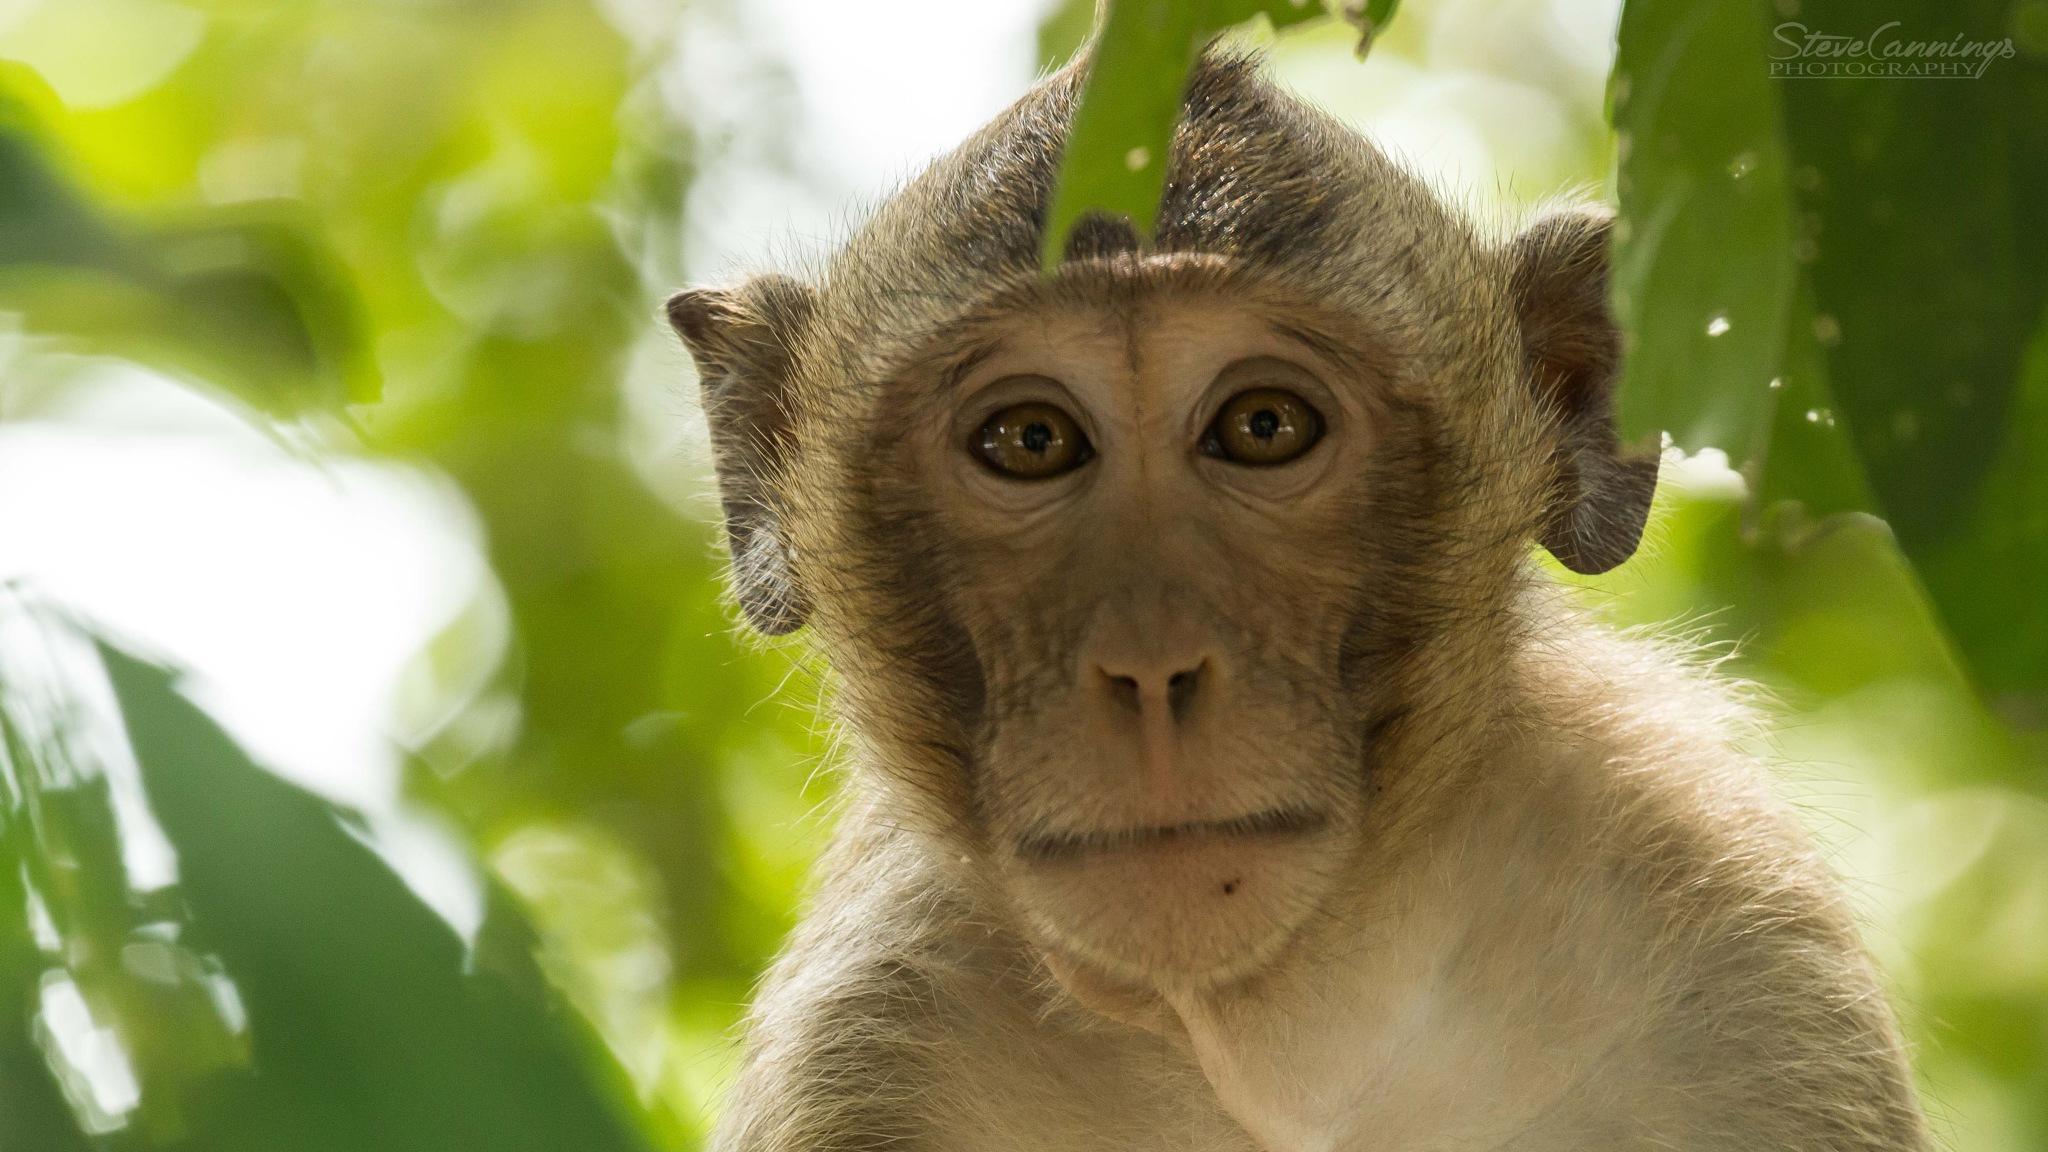 Monkey by Steve Cannings